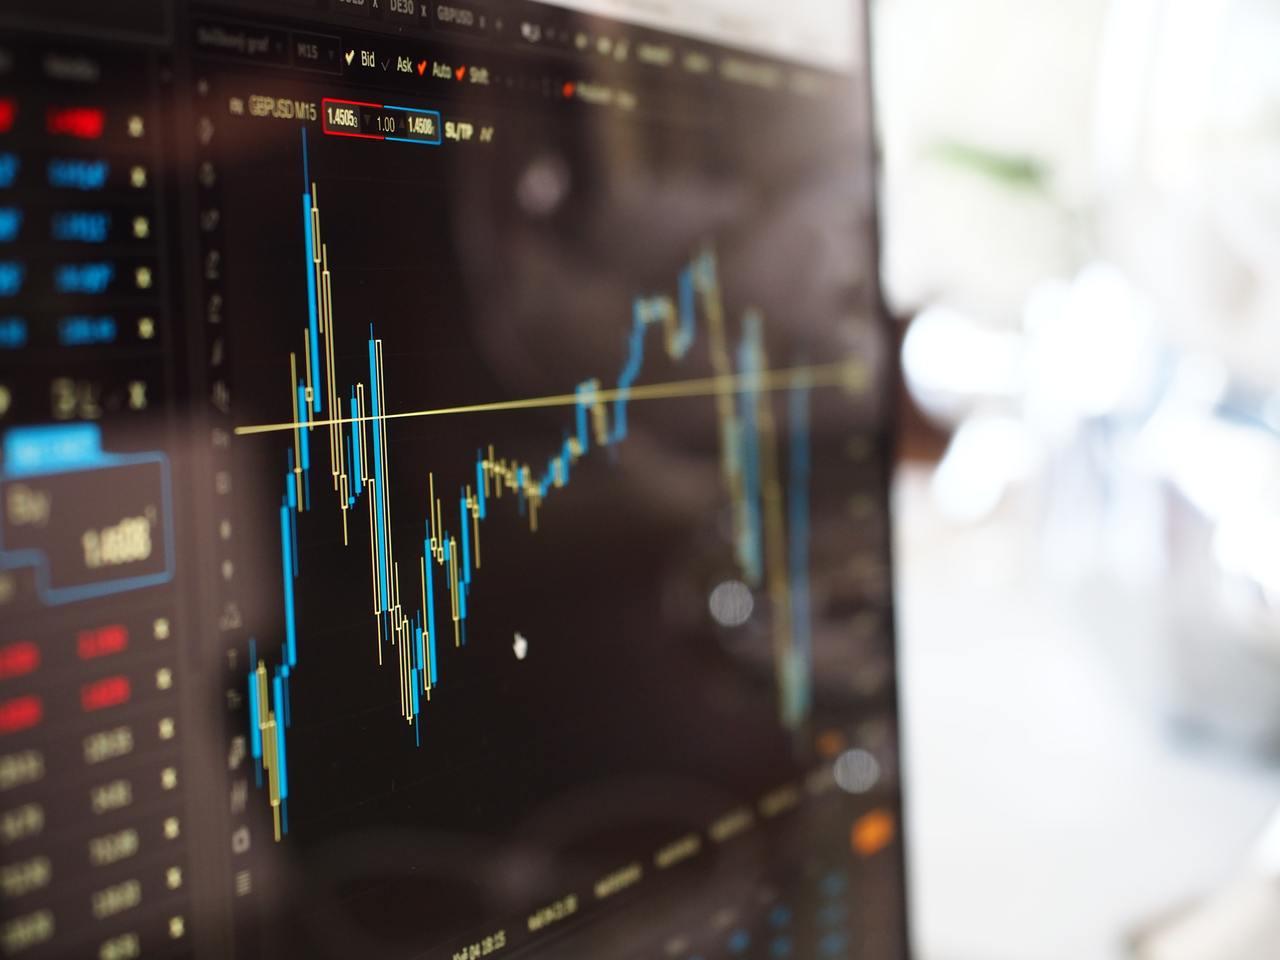 財經部落客蔡志誠 (PG財經筆記) 認為,以長期操作的策略來說,近期的股市大跌反...